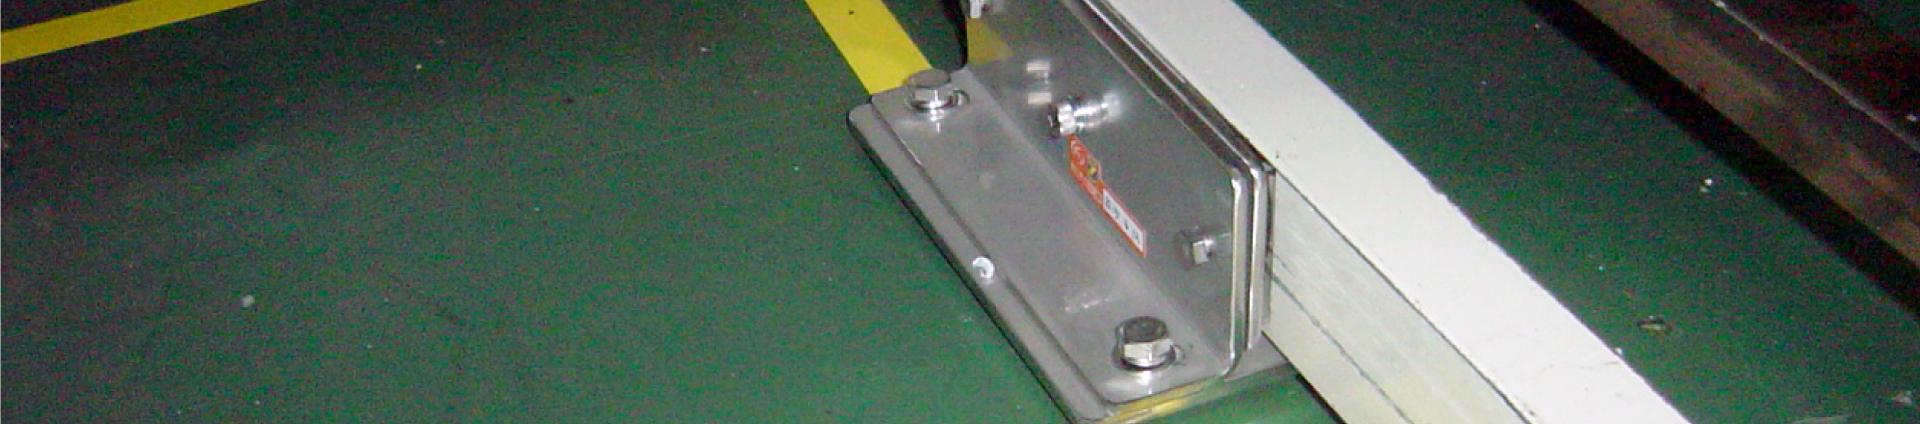 PSD 冷蔵庫・恒温槽・書棚・卓上理化学機器用耐震金具